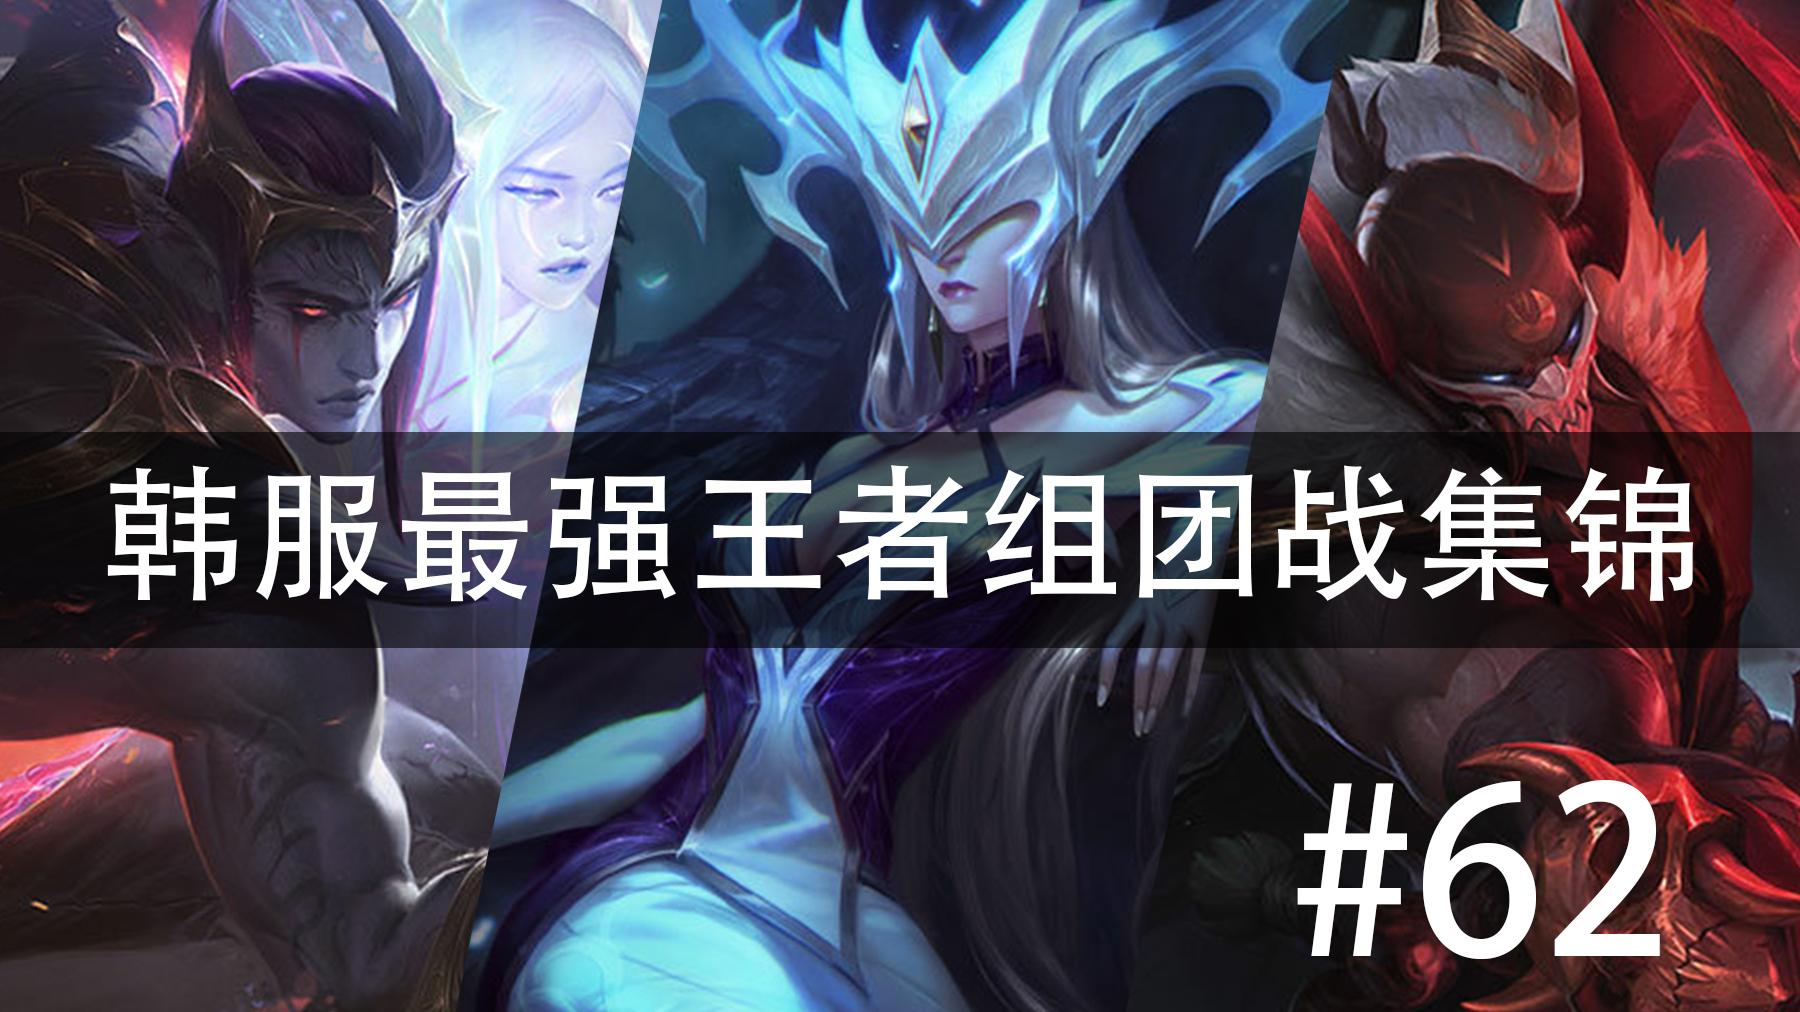 韩服最强王者组团战集锦#62  弹幕,评论,加关注 版本:10.7